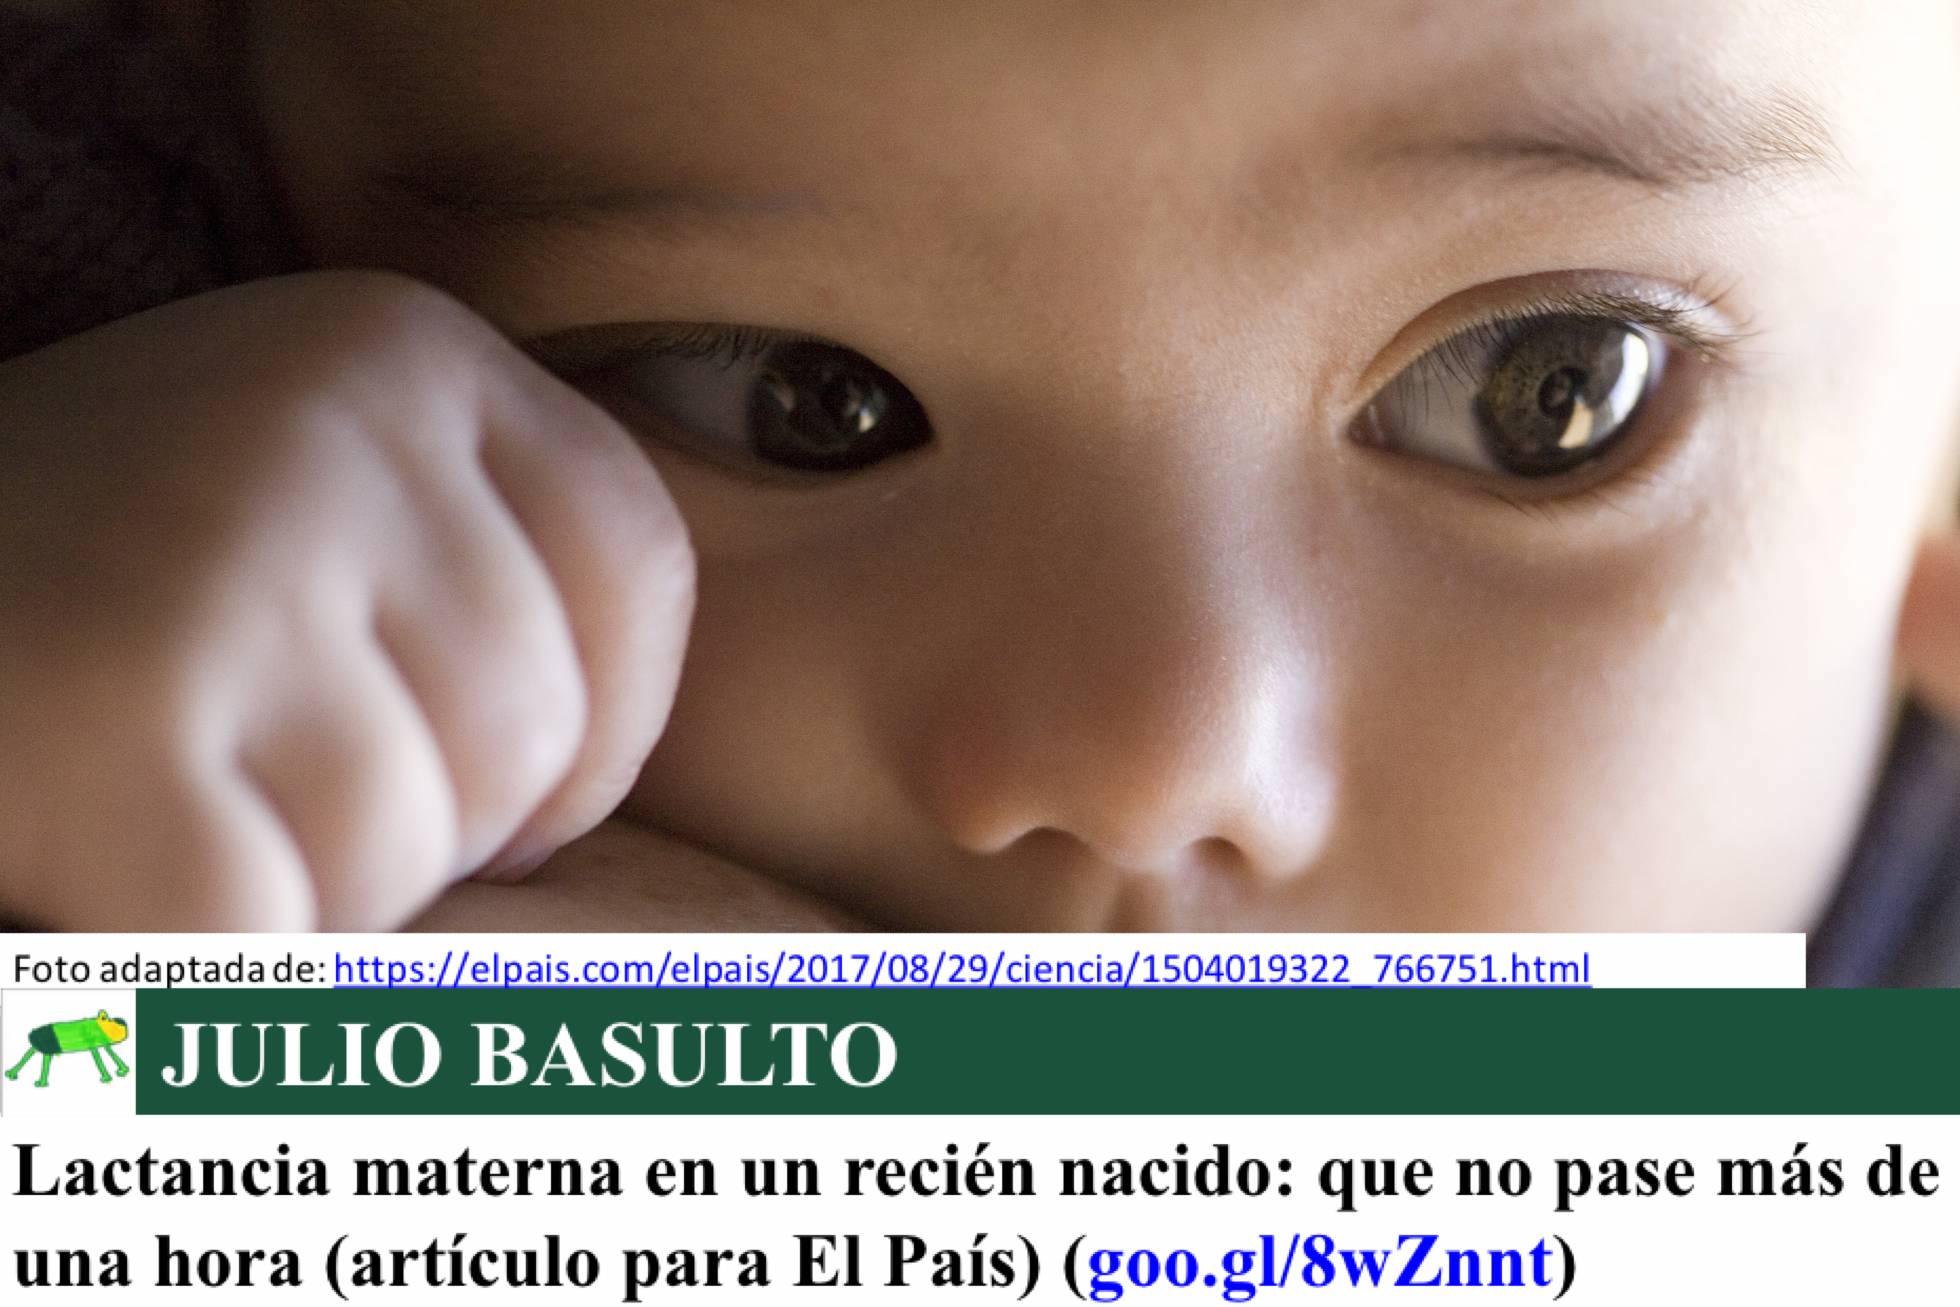 Lactancia materna en un recién nacido: que no pase más de una hora (artículo para El País)